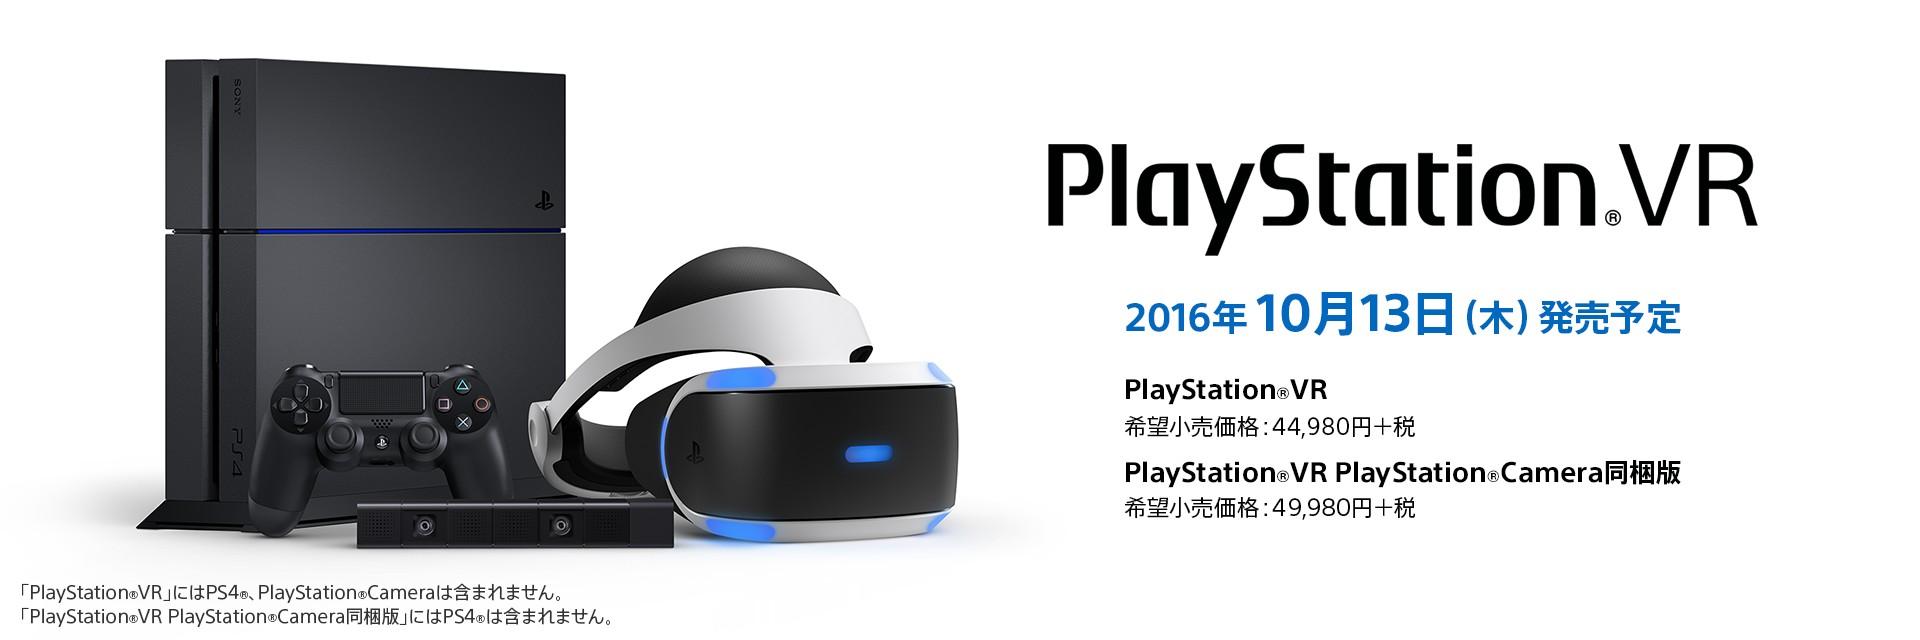 PlayStation VR、国内発売日が10月13日に決定